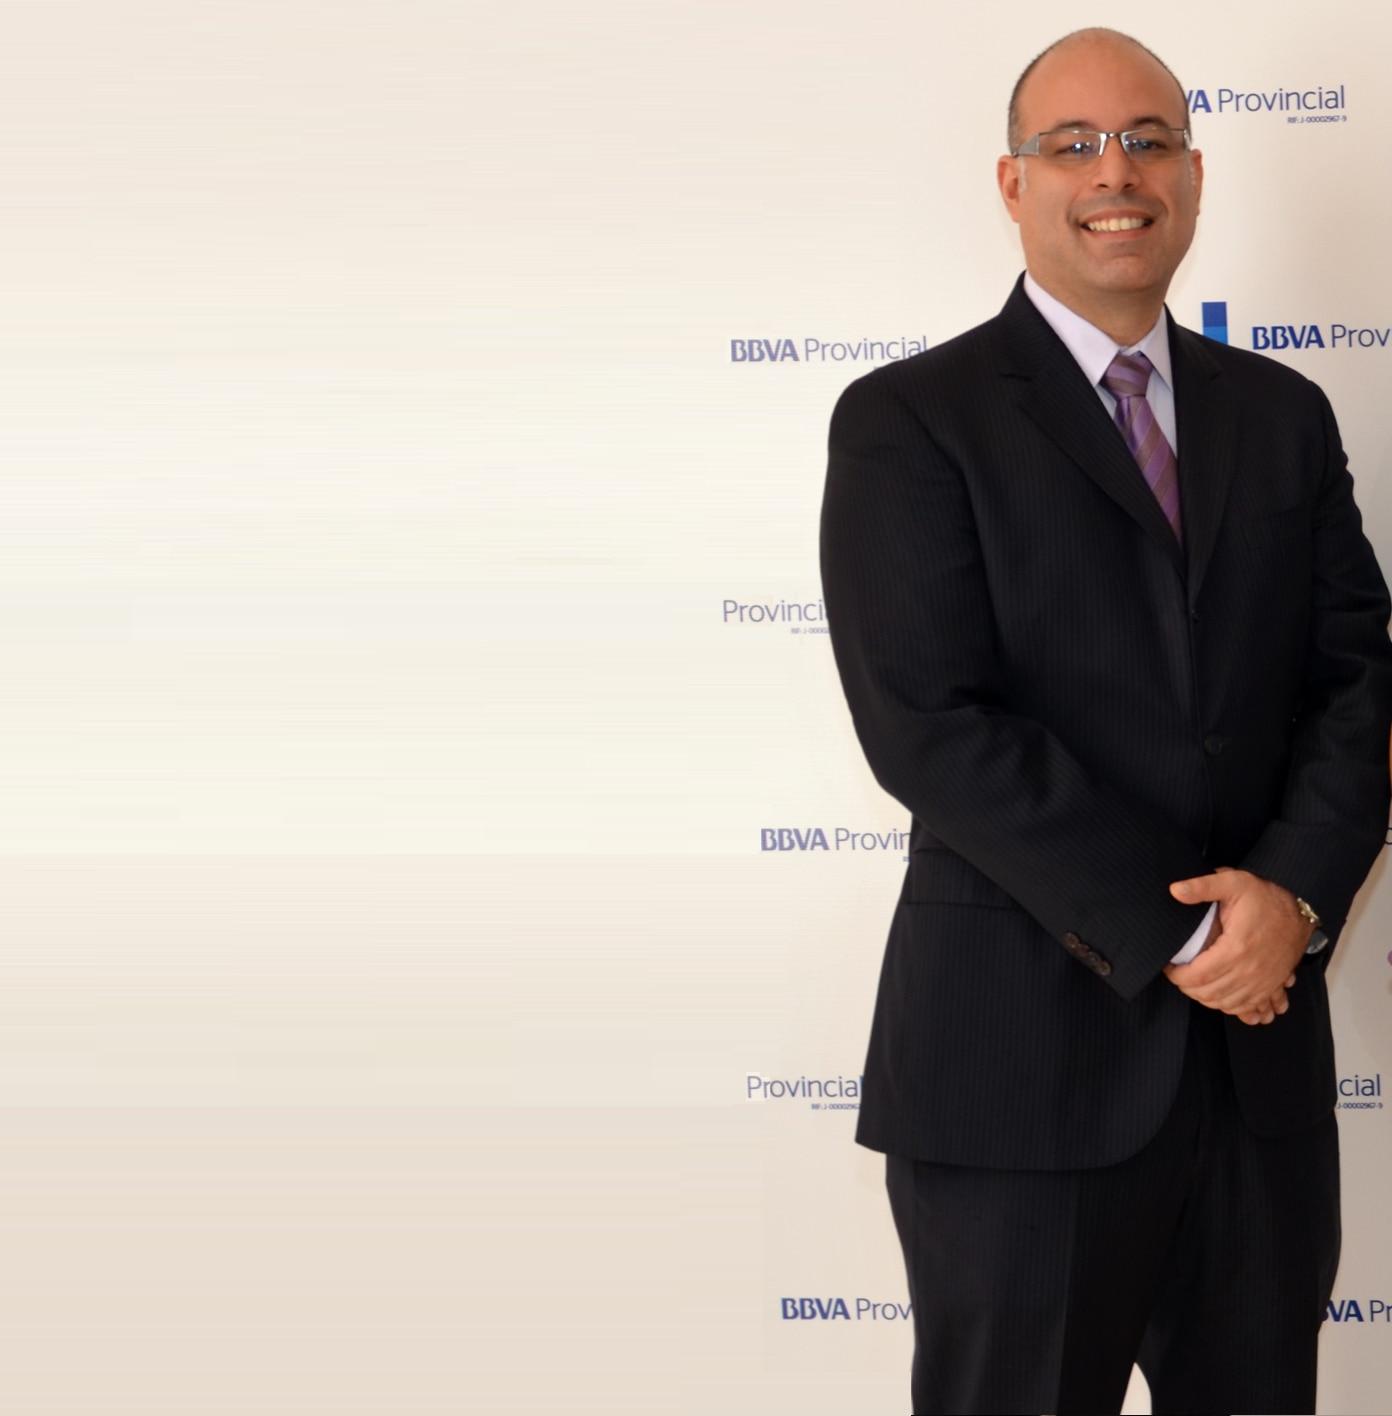 Pedro Gago - Director de Fábrica Digital de BBVA Provincial